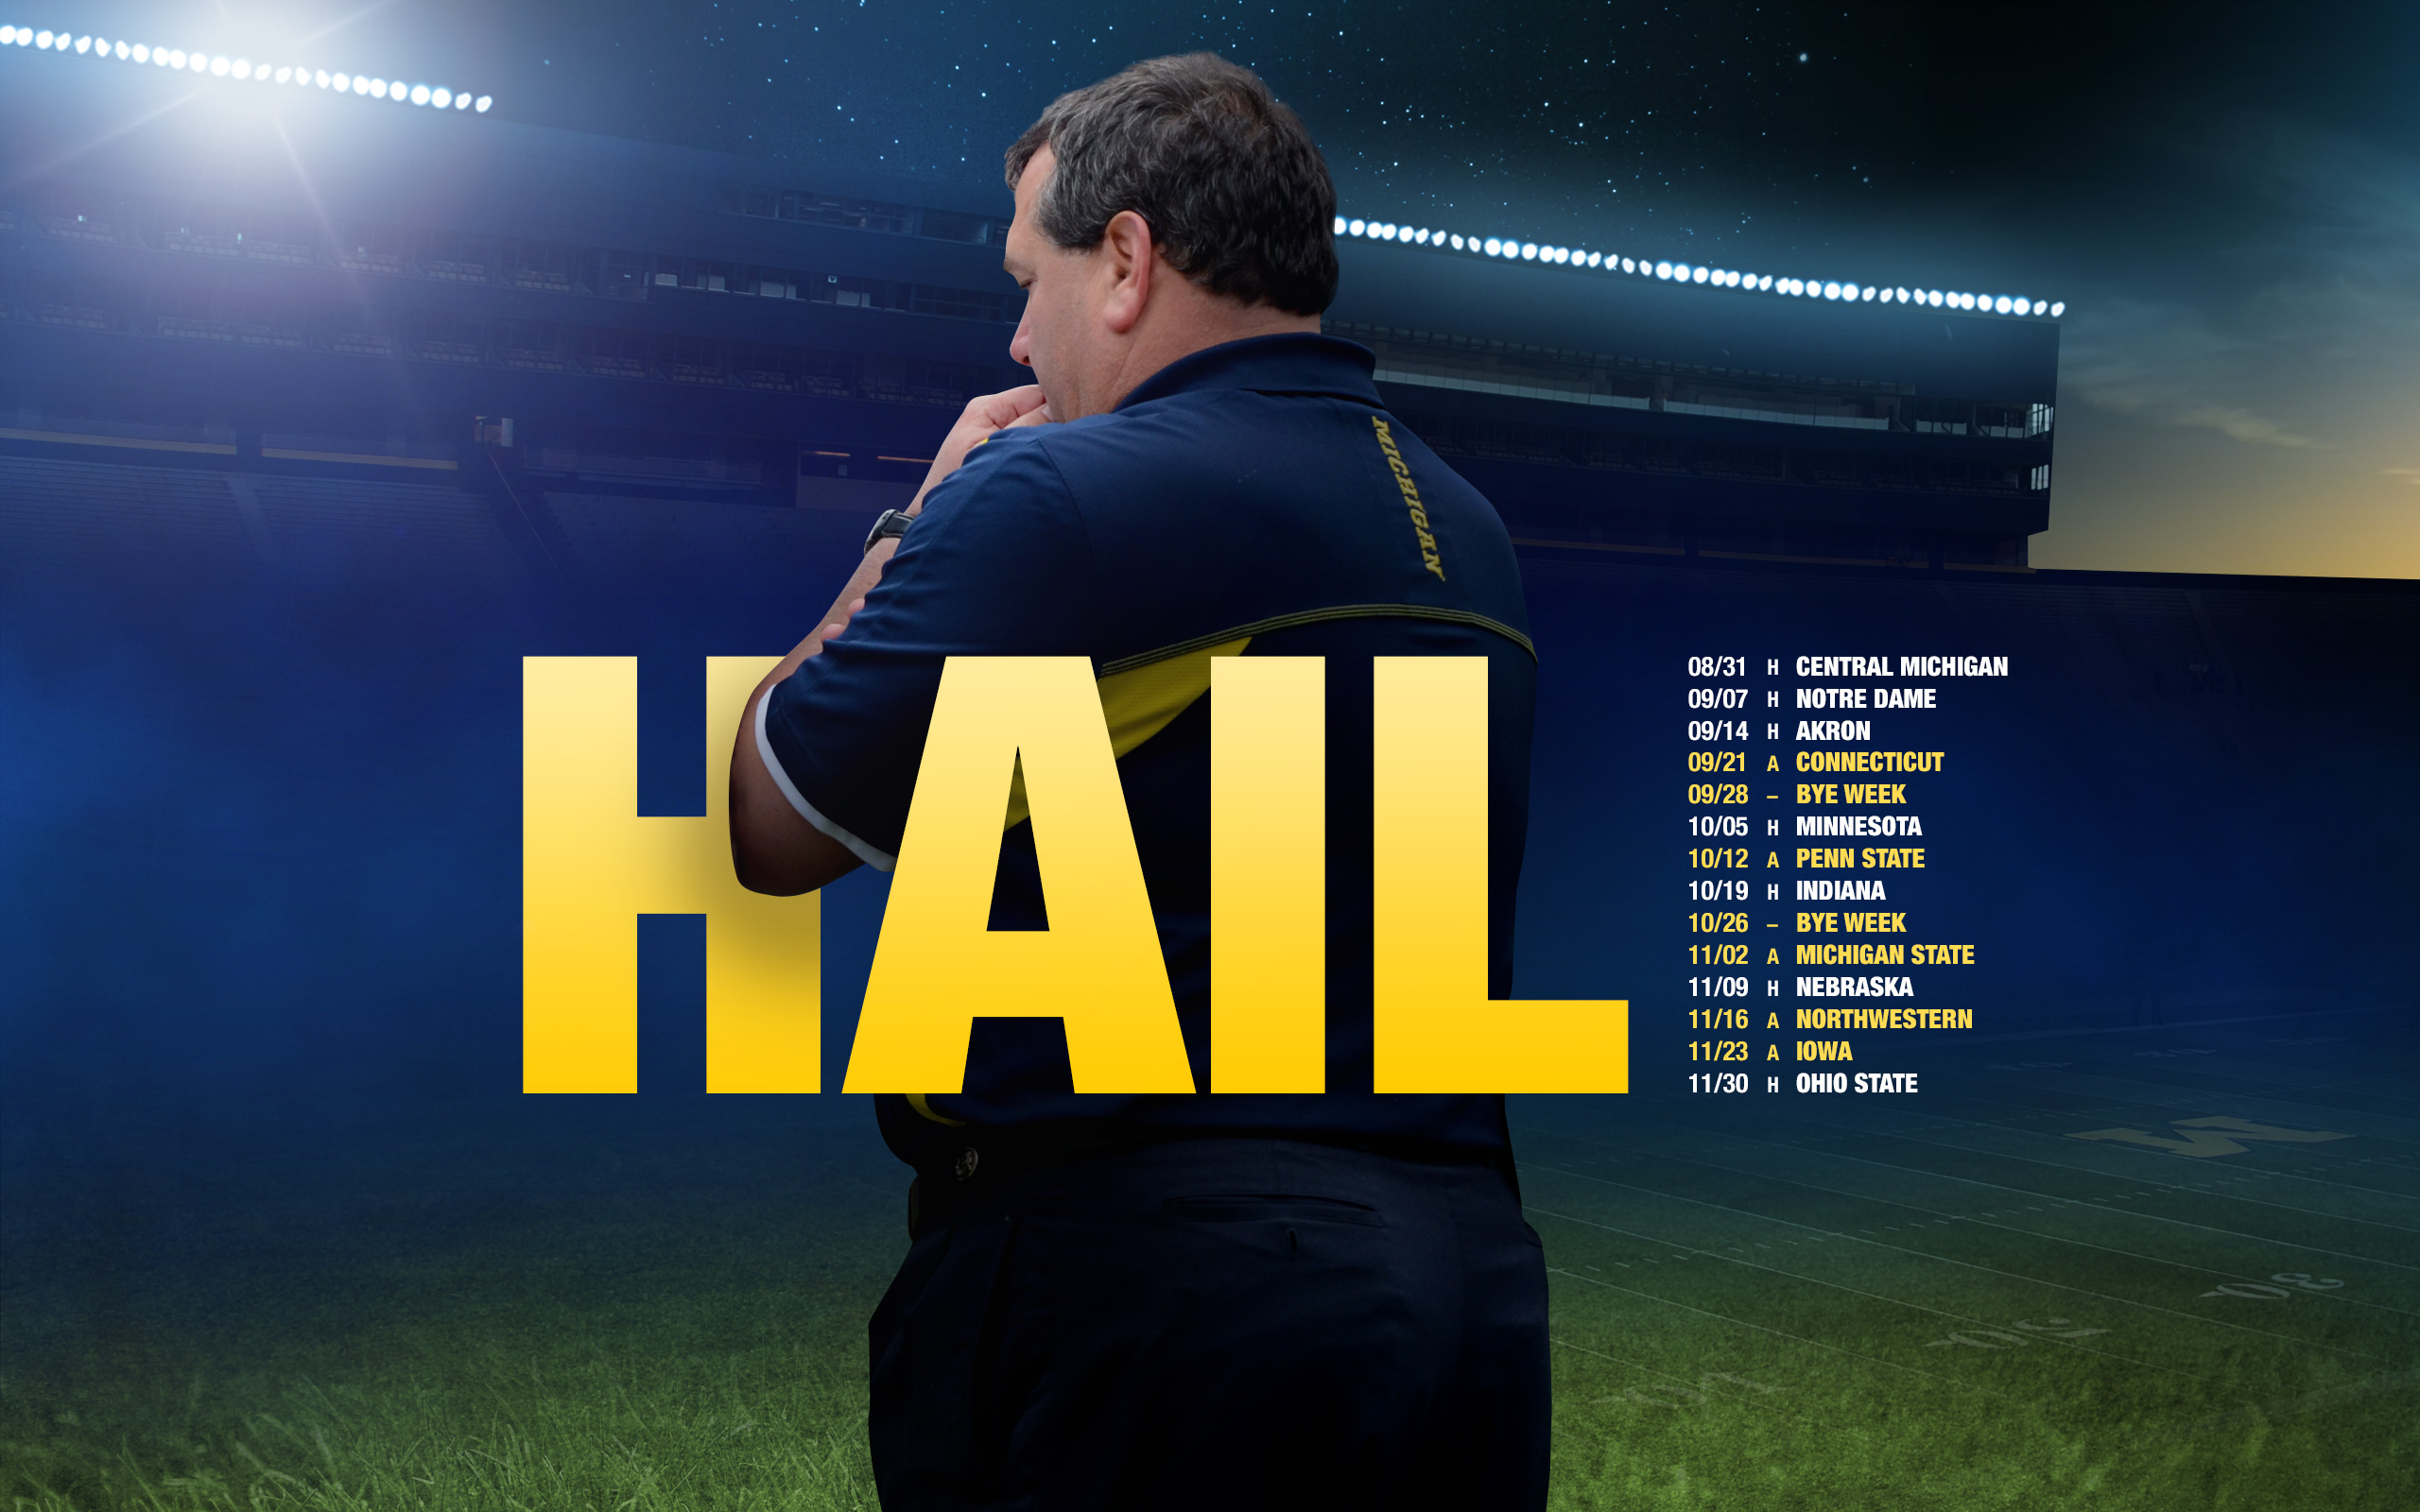 49 Michigan Football Desktop Wallpaper On Wallpapersafari: [45+] Michigan State Football Wallpaper HD On WallpaperSafari